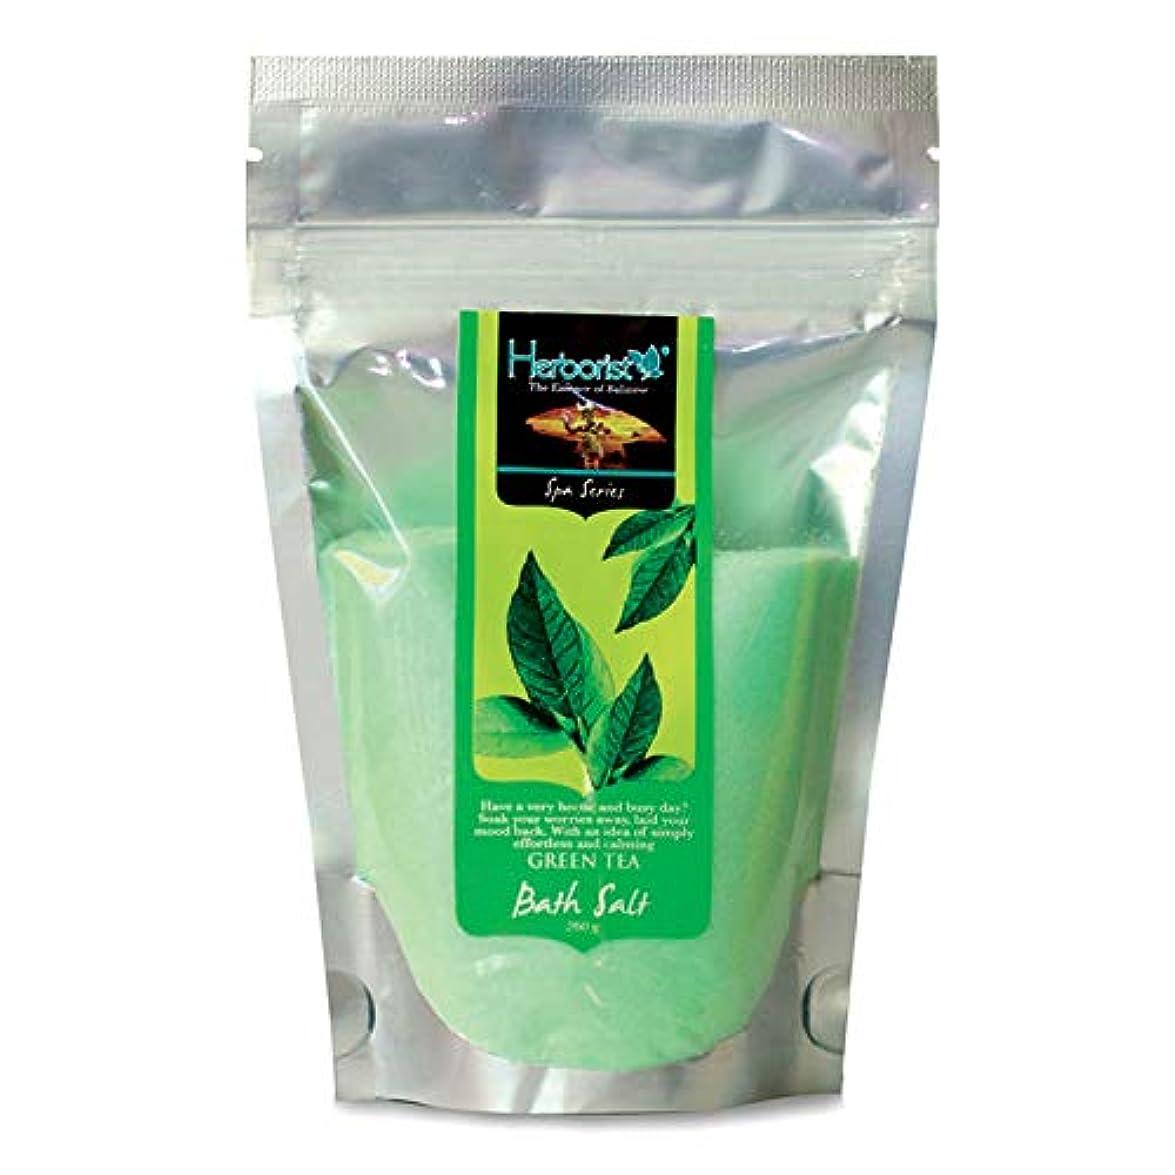 なぜならペルー衰えるHerborist ハーボリスト Bath Salt バスソルト バリ島の香り漂う入浴剤 250g Green Tea グリーンティー [海外直送品]